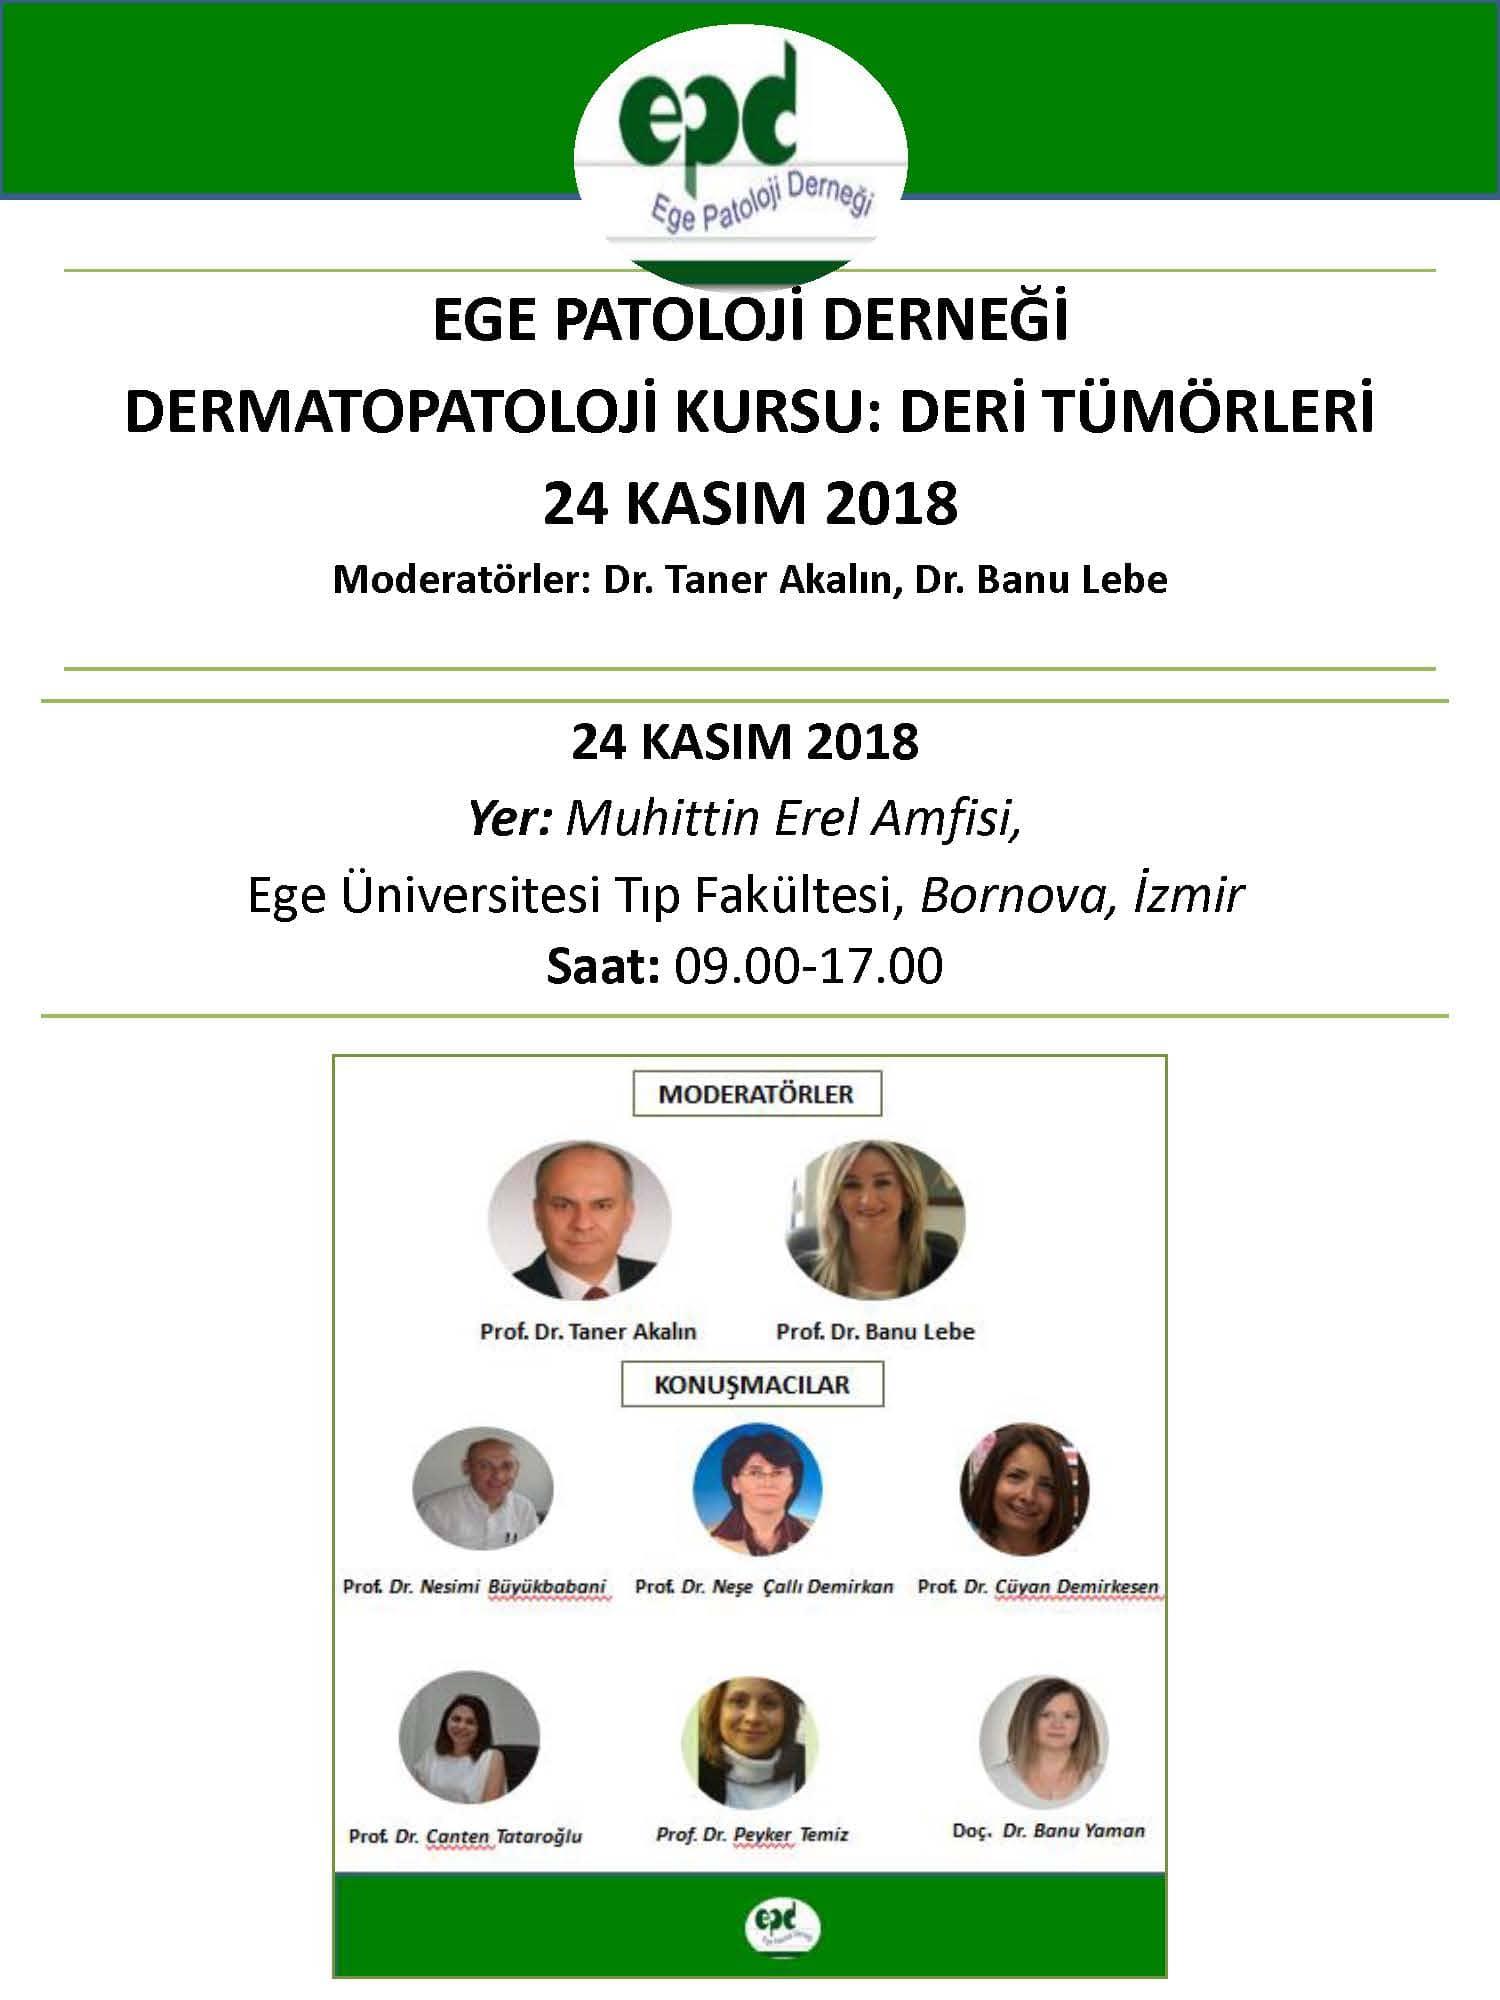 24 Kasım 2018 - Dermatopatoloji Kursu: Deri Tümörü